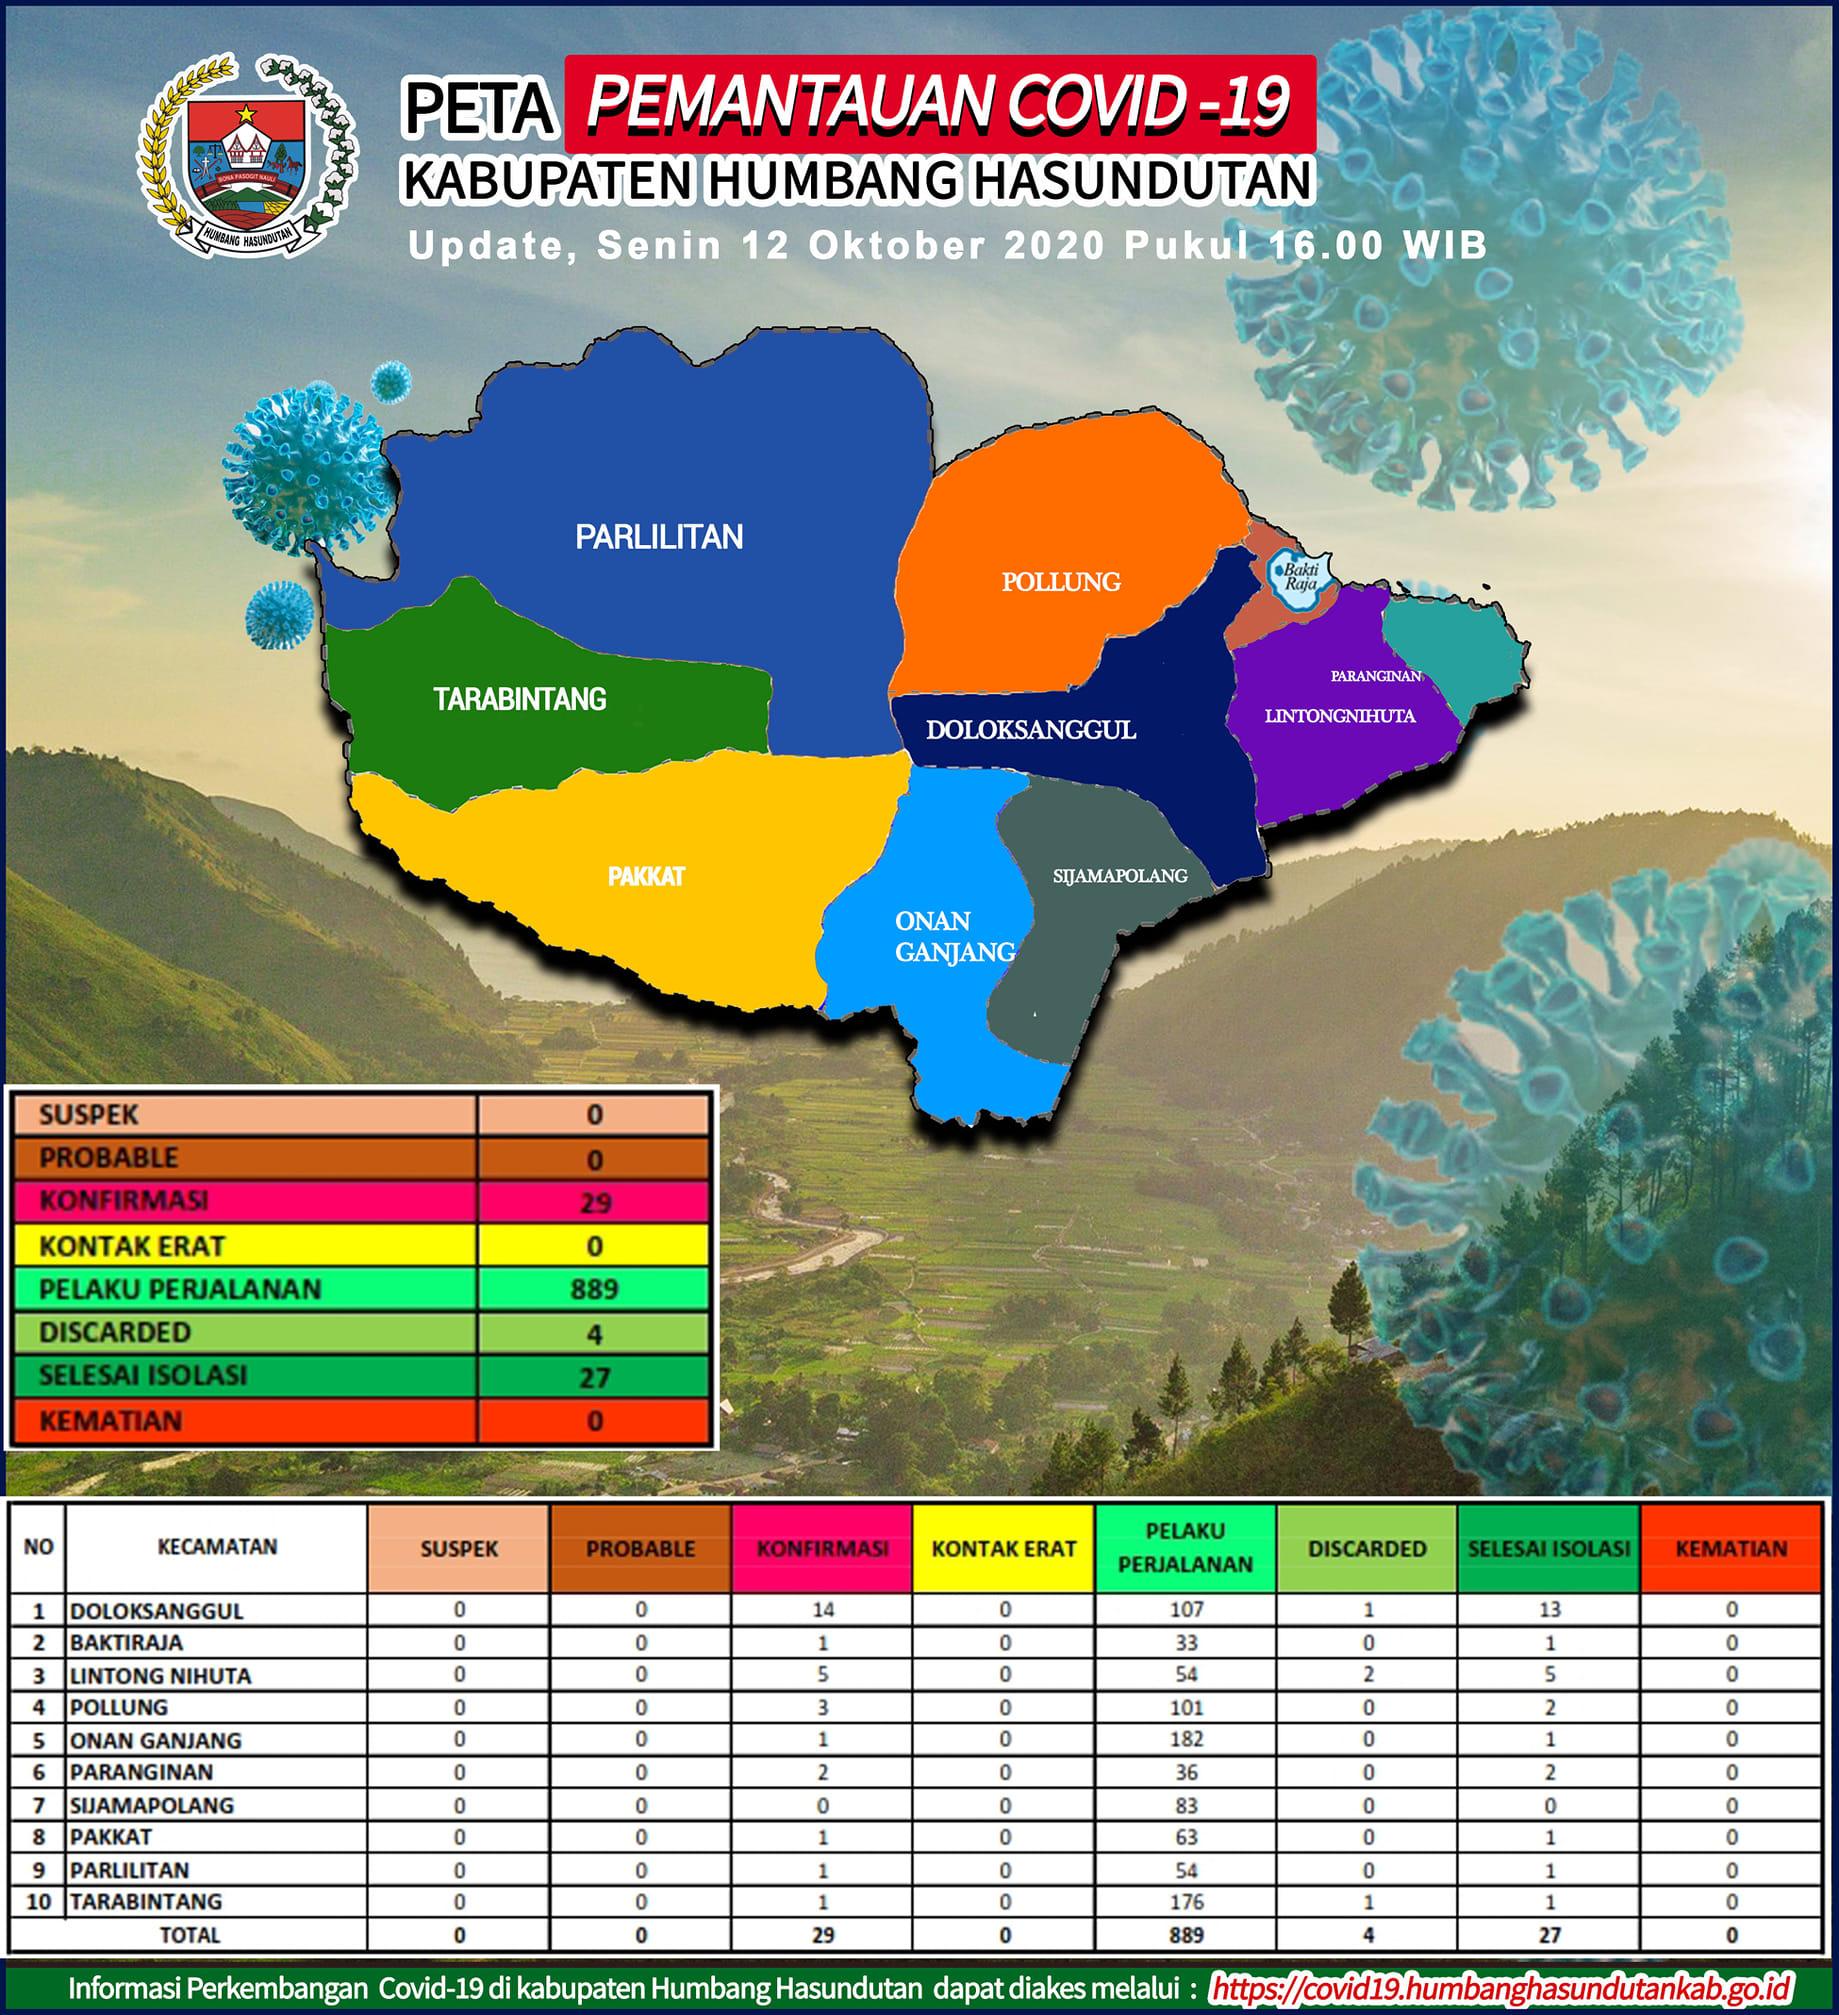 Peta Pemantauan Covid-19 Pemerintah Kabupaten Humbang Hasundutan Tanggal 12 Oktober 2020 s/d pukul 16.00 WIB